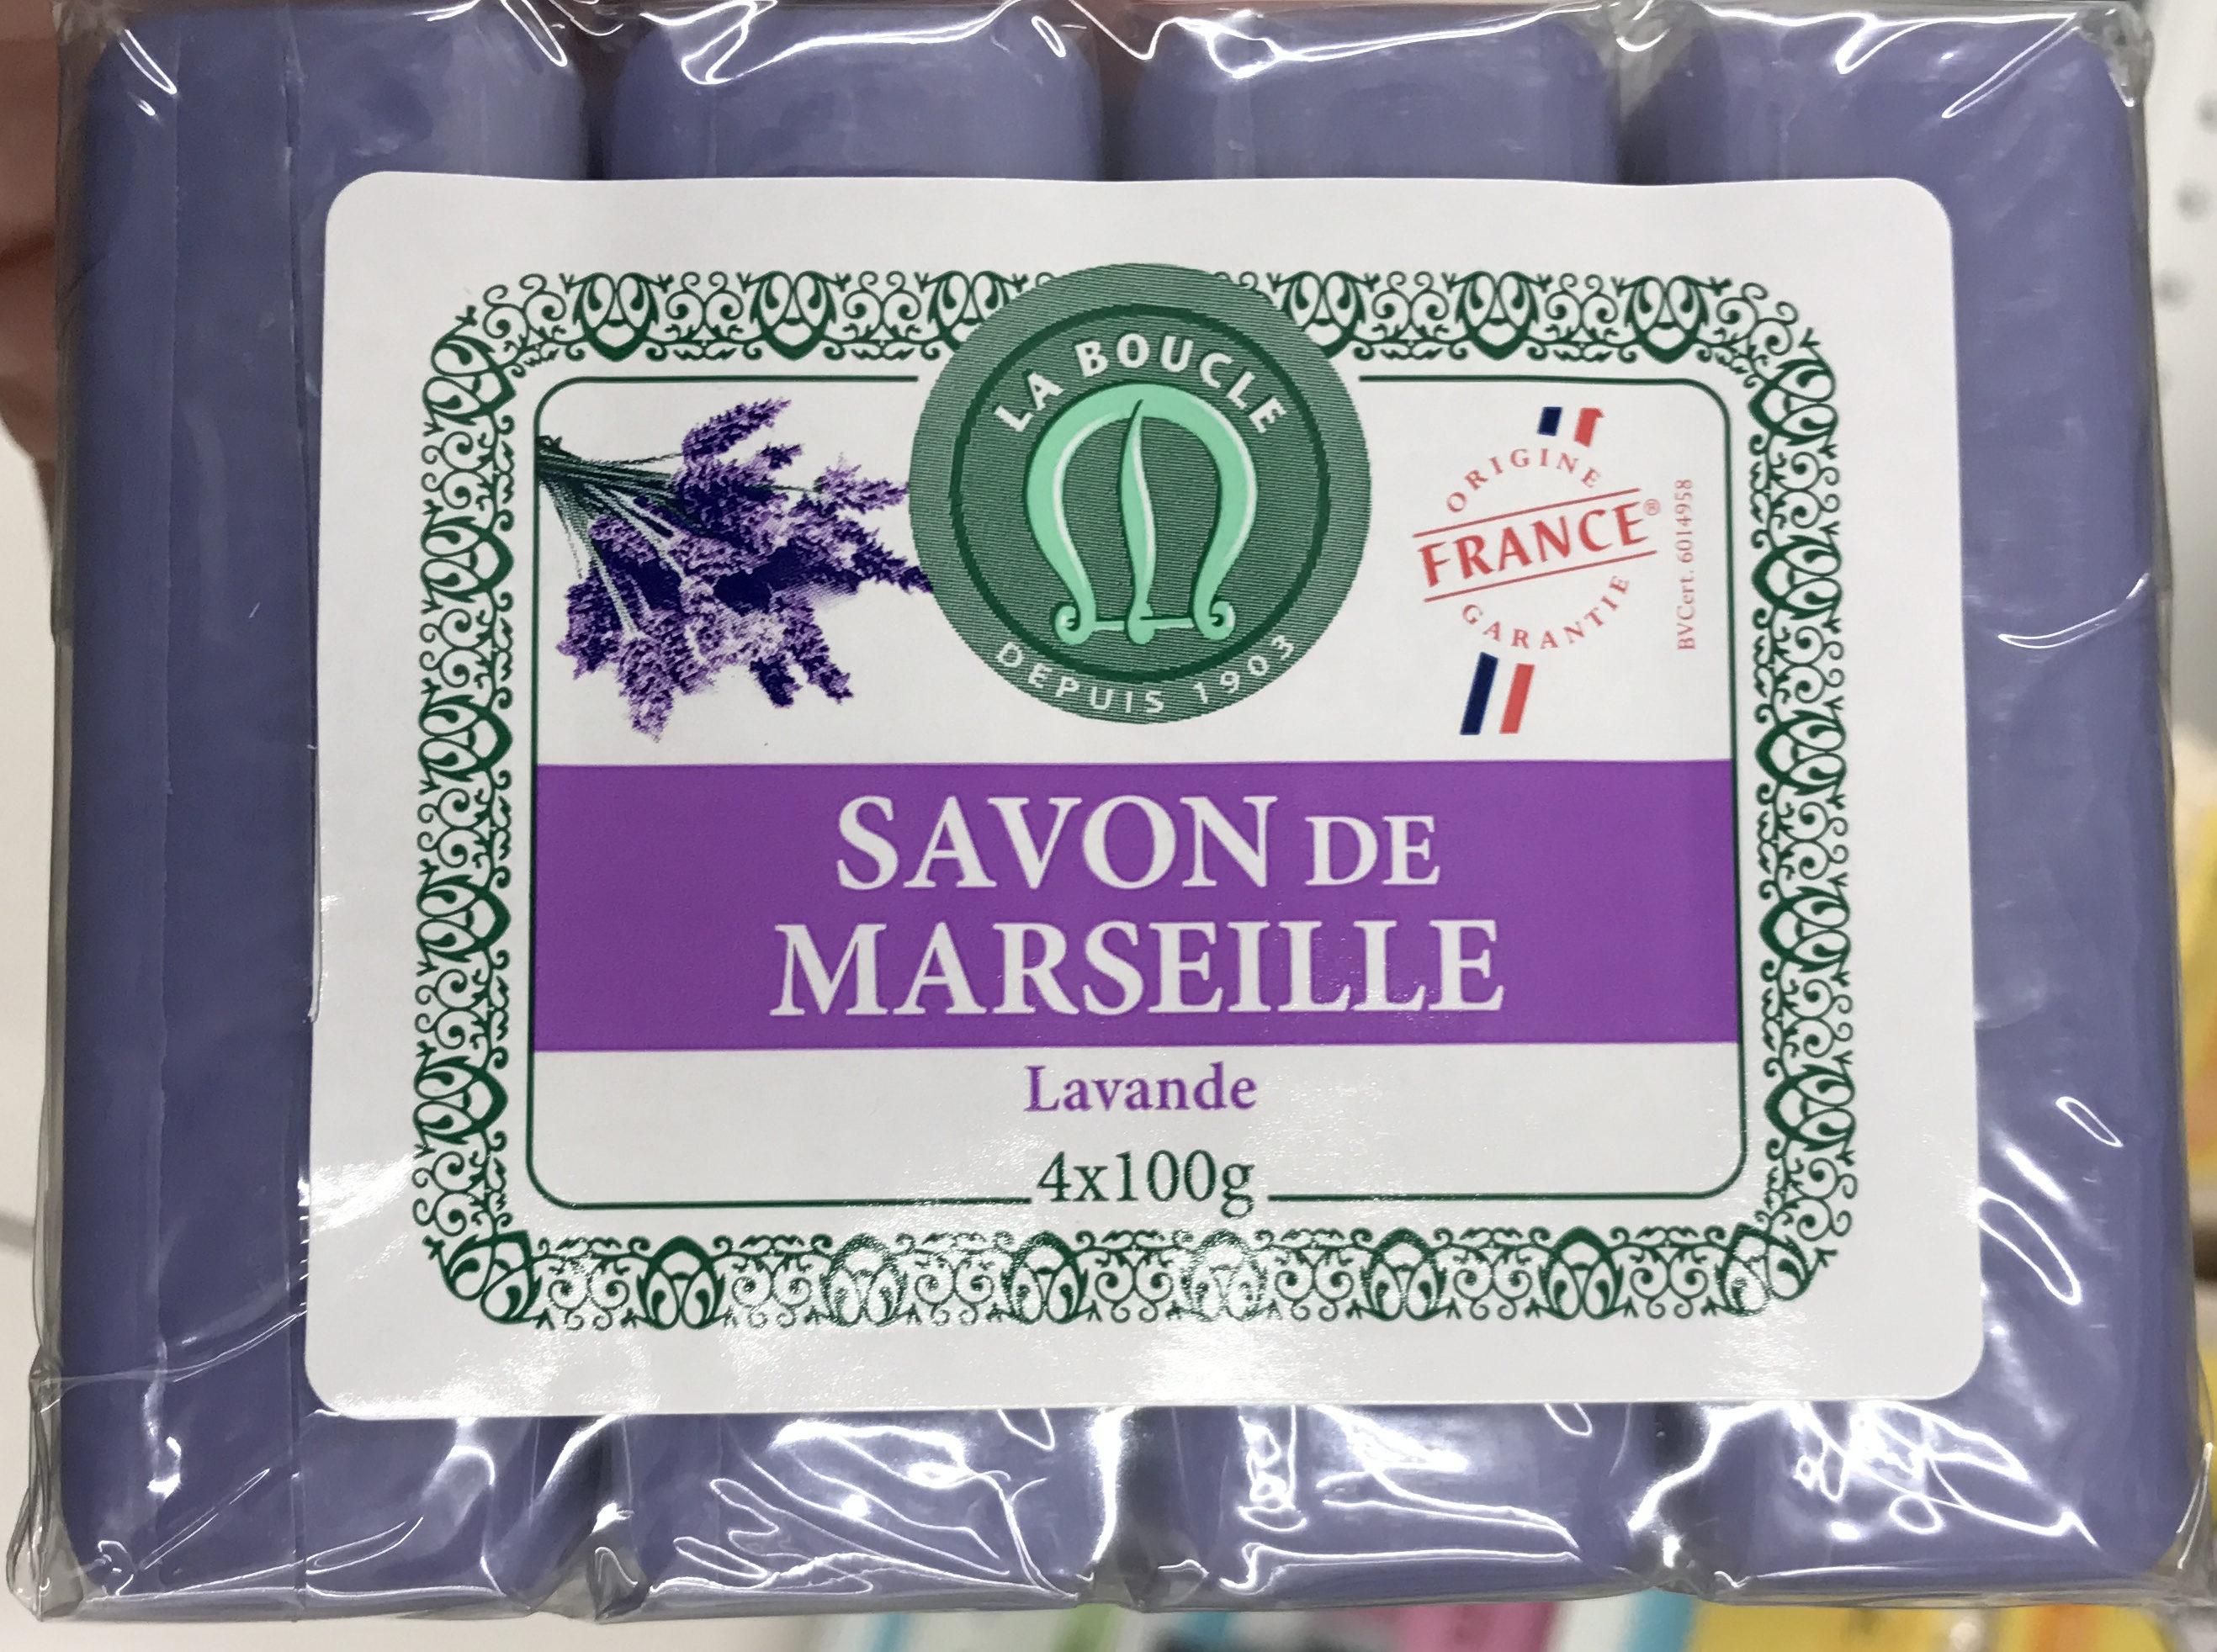 Savon de Marseille Lavande - Produit - fr